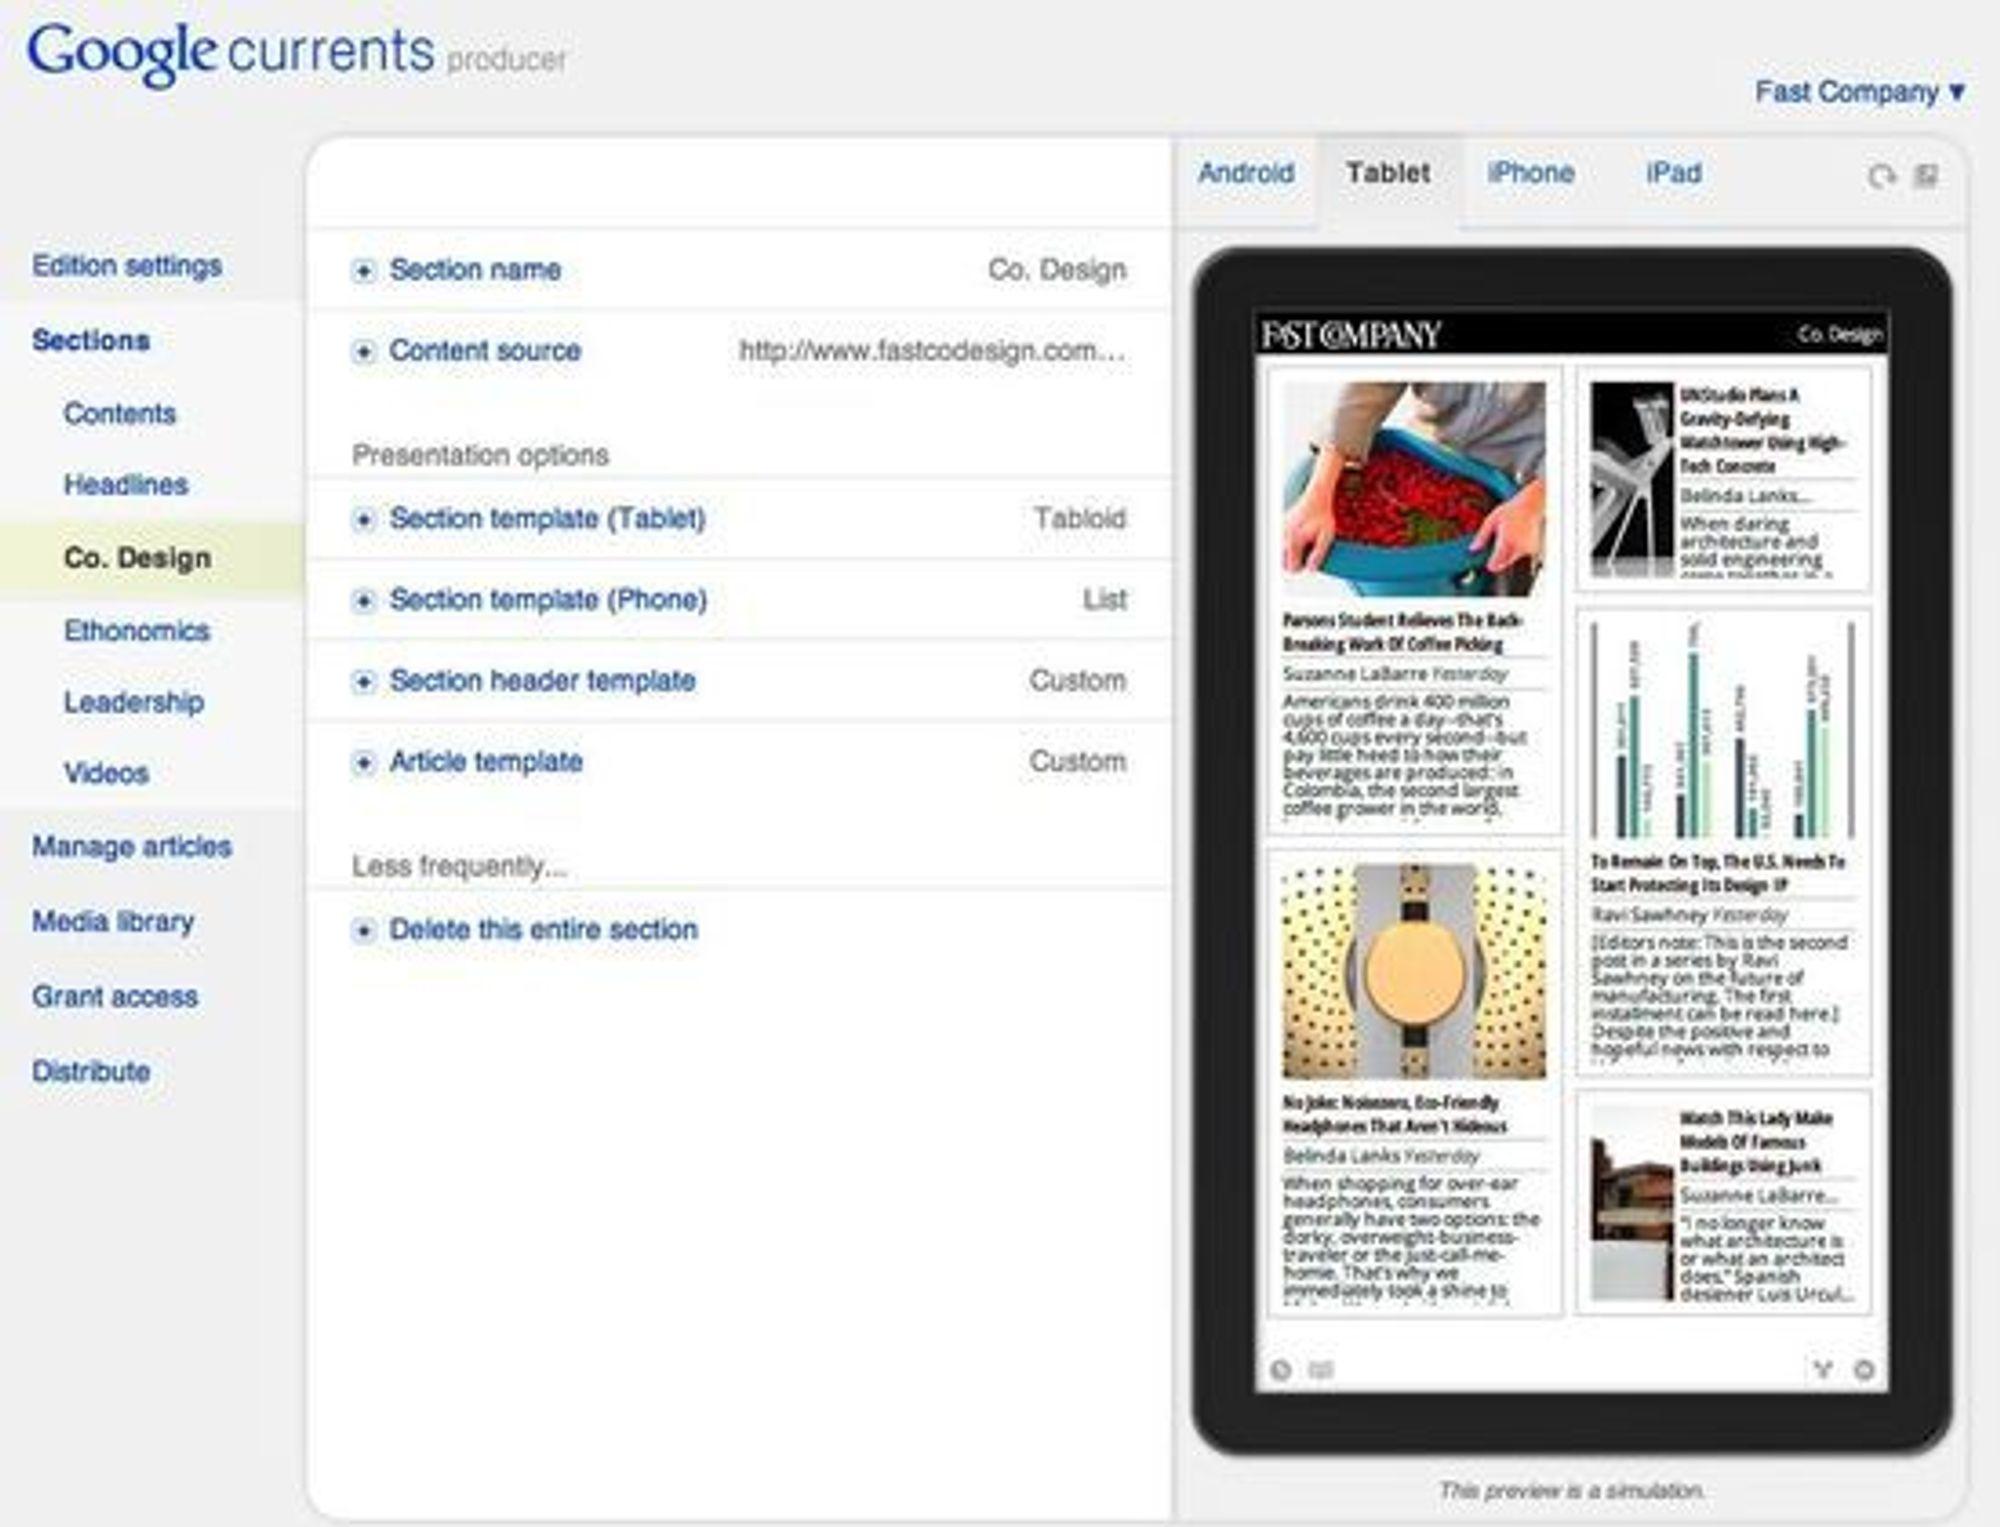 Google Currents Producer, verktøyet hvor innholdsleverandører kan opprette en Currents-utgave av innholdet.